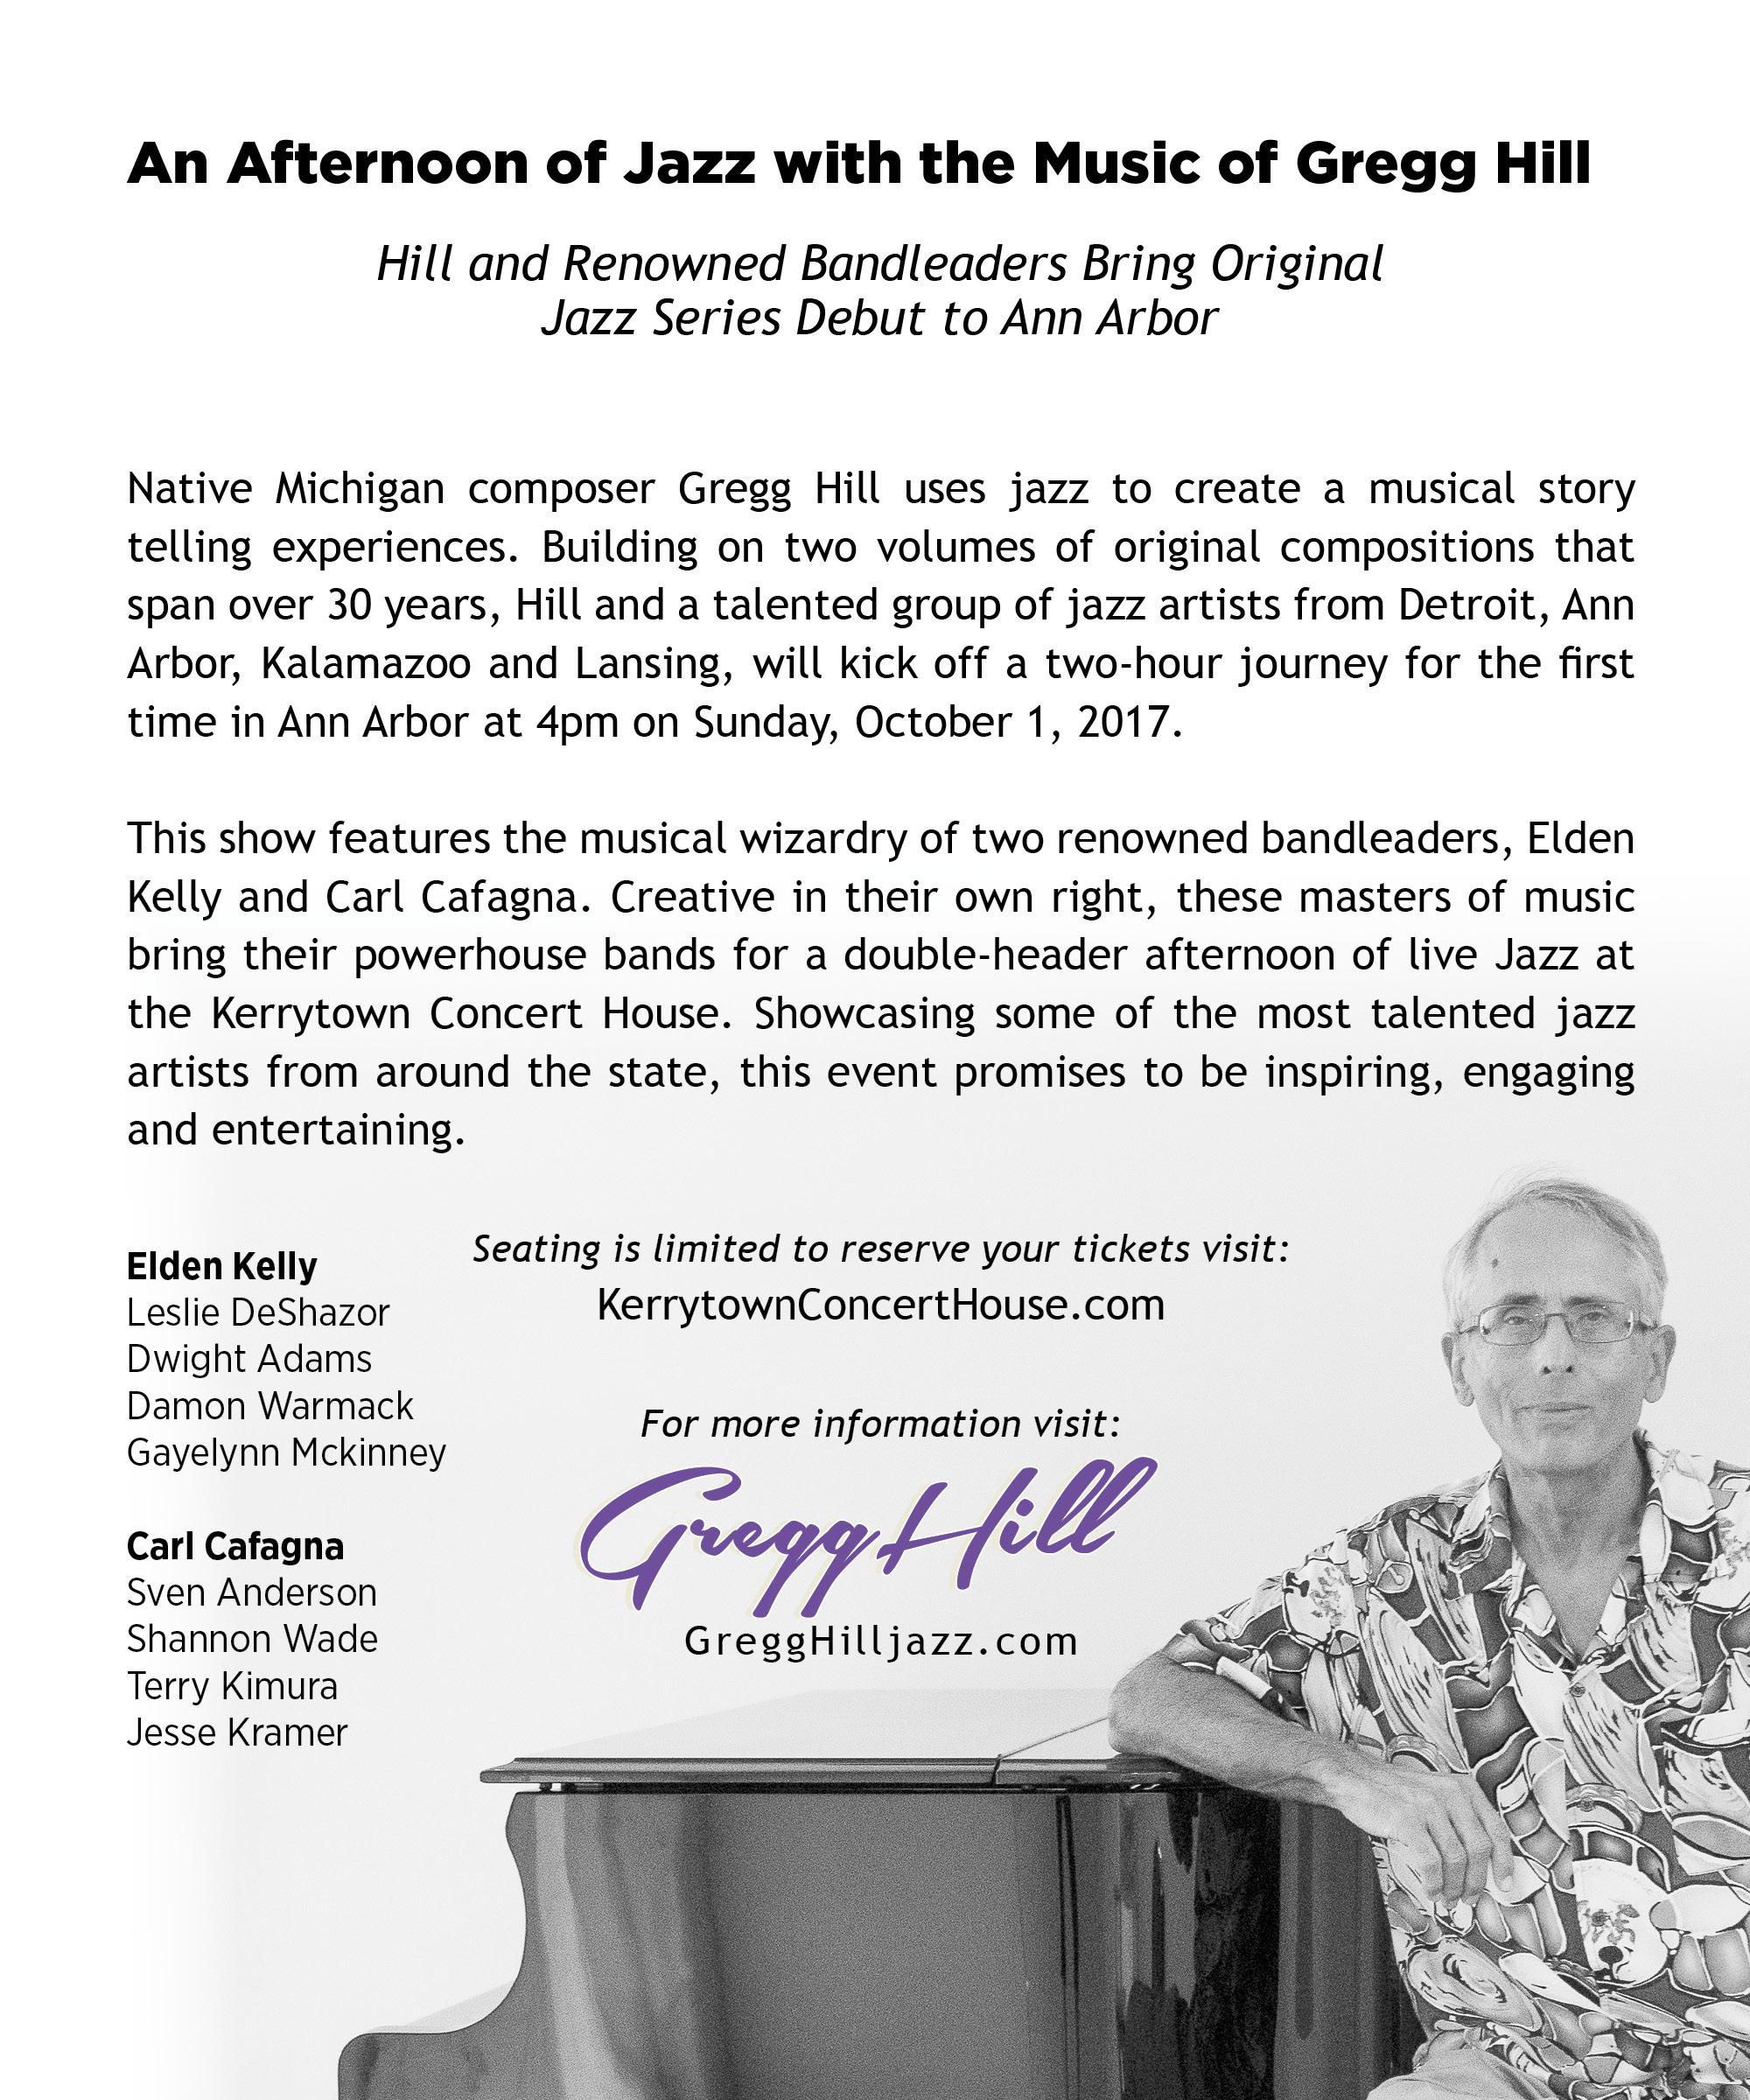 GHJ Oct 1 Show KCH Promo details